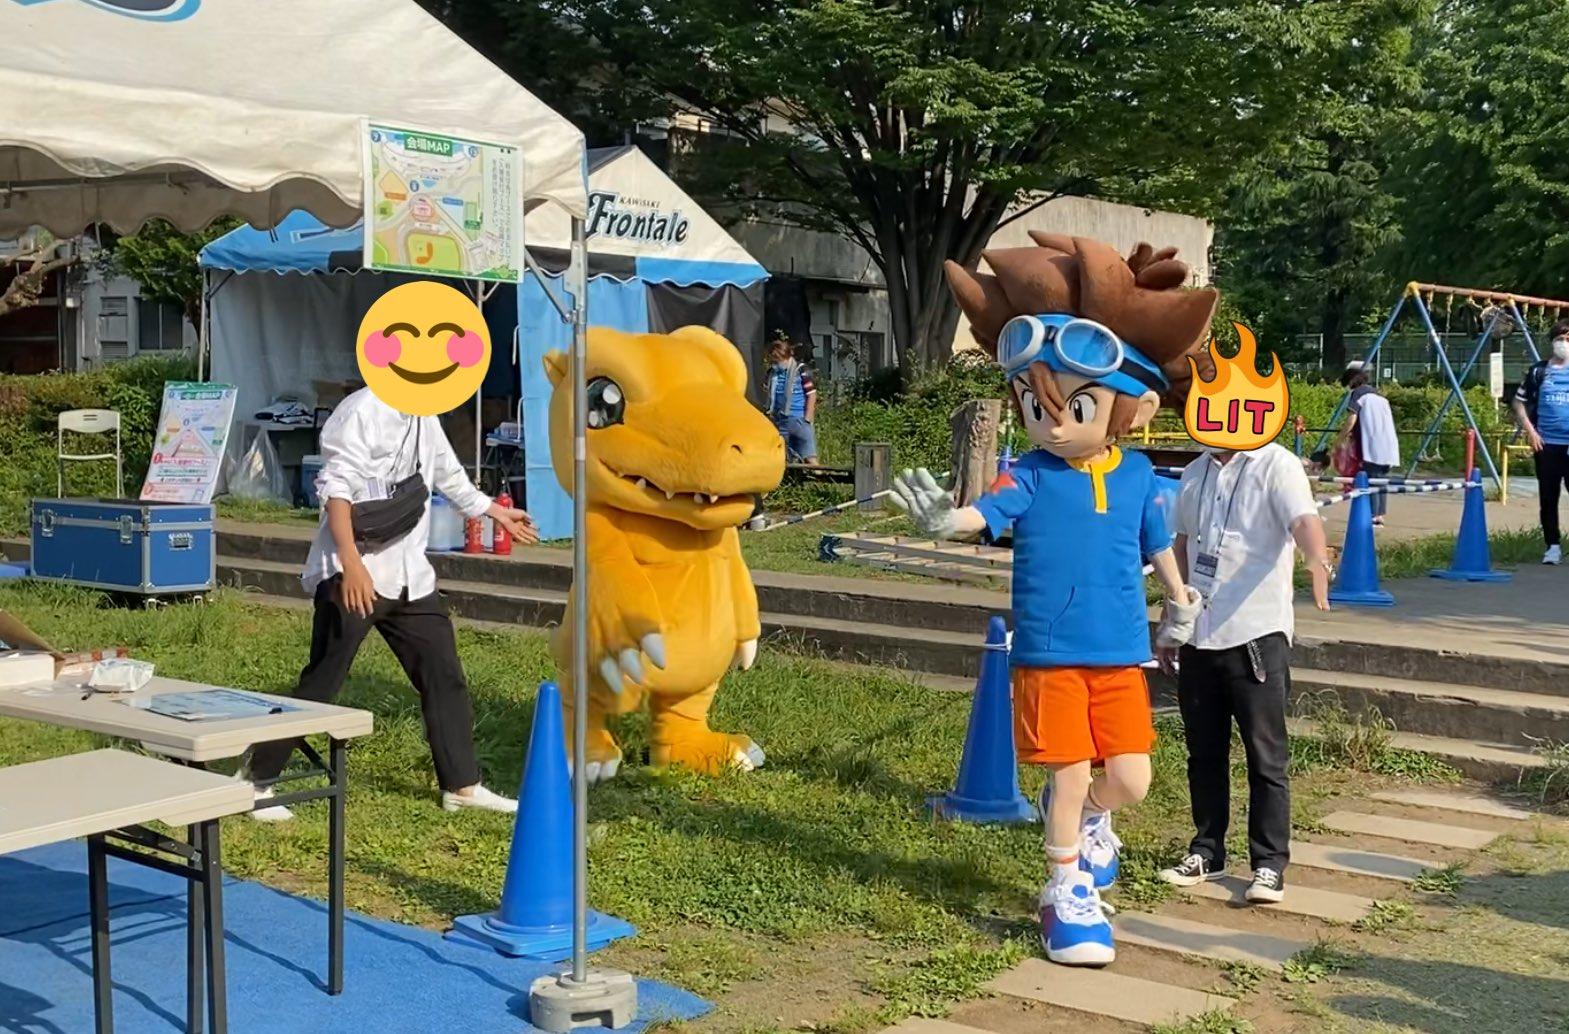 taichimascot2_may30_2021.jpg